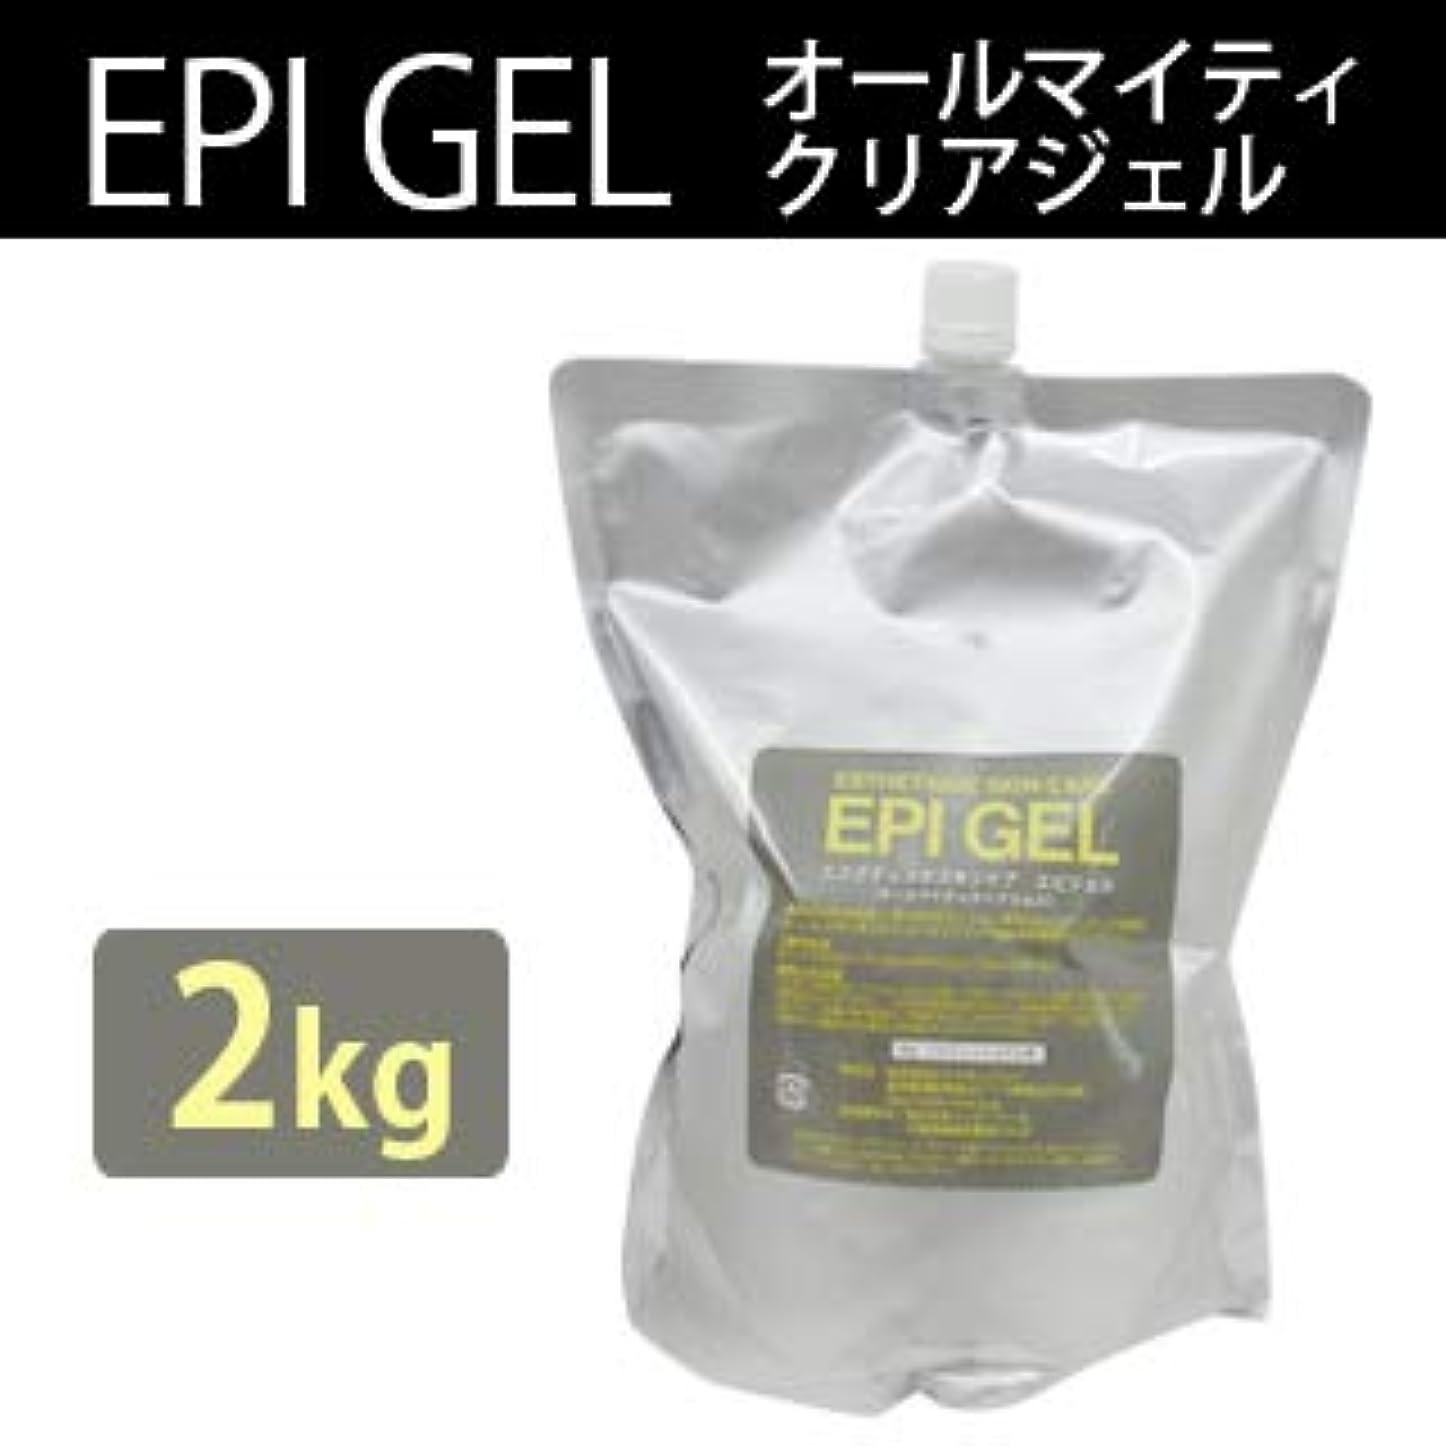 バラ色レキシコン天気エステティック スキンケア エピジェル 2kg クリアジェル (1個)